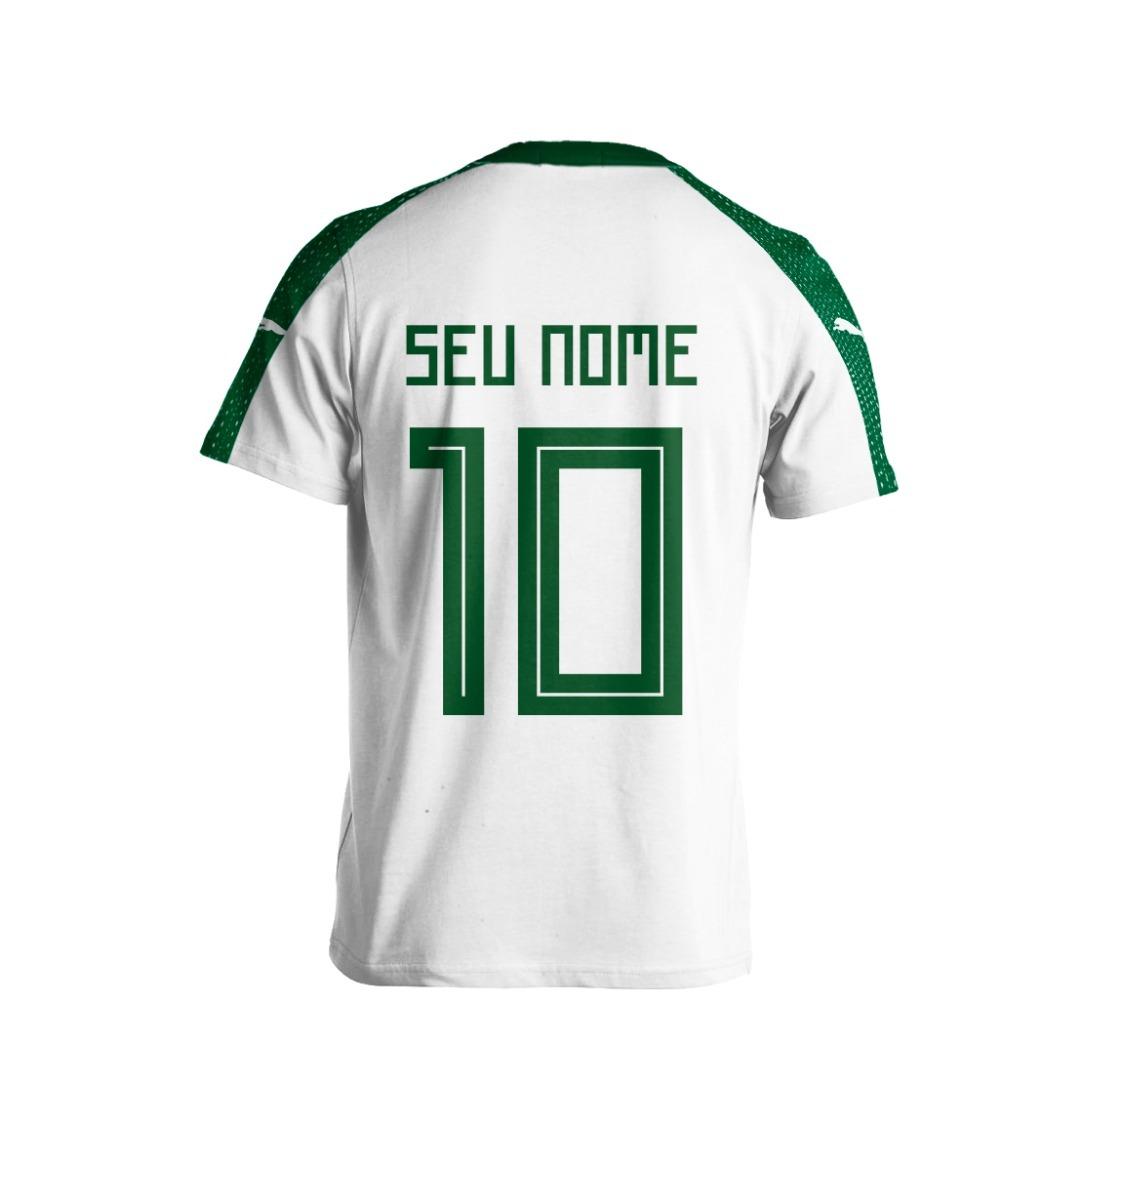 Nova Camisa Puma Palmeiras 2018 Personalizada + Frete Gratis - R  98 ... 31966c887b516